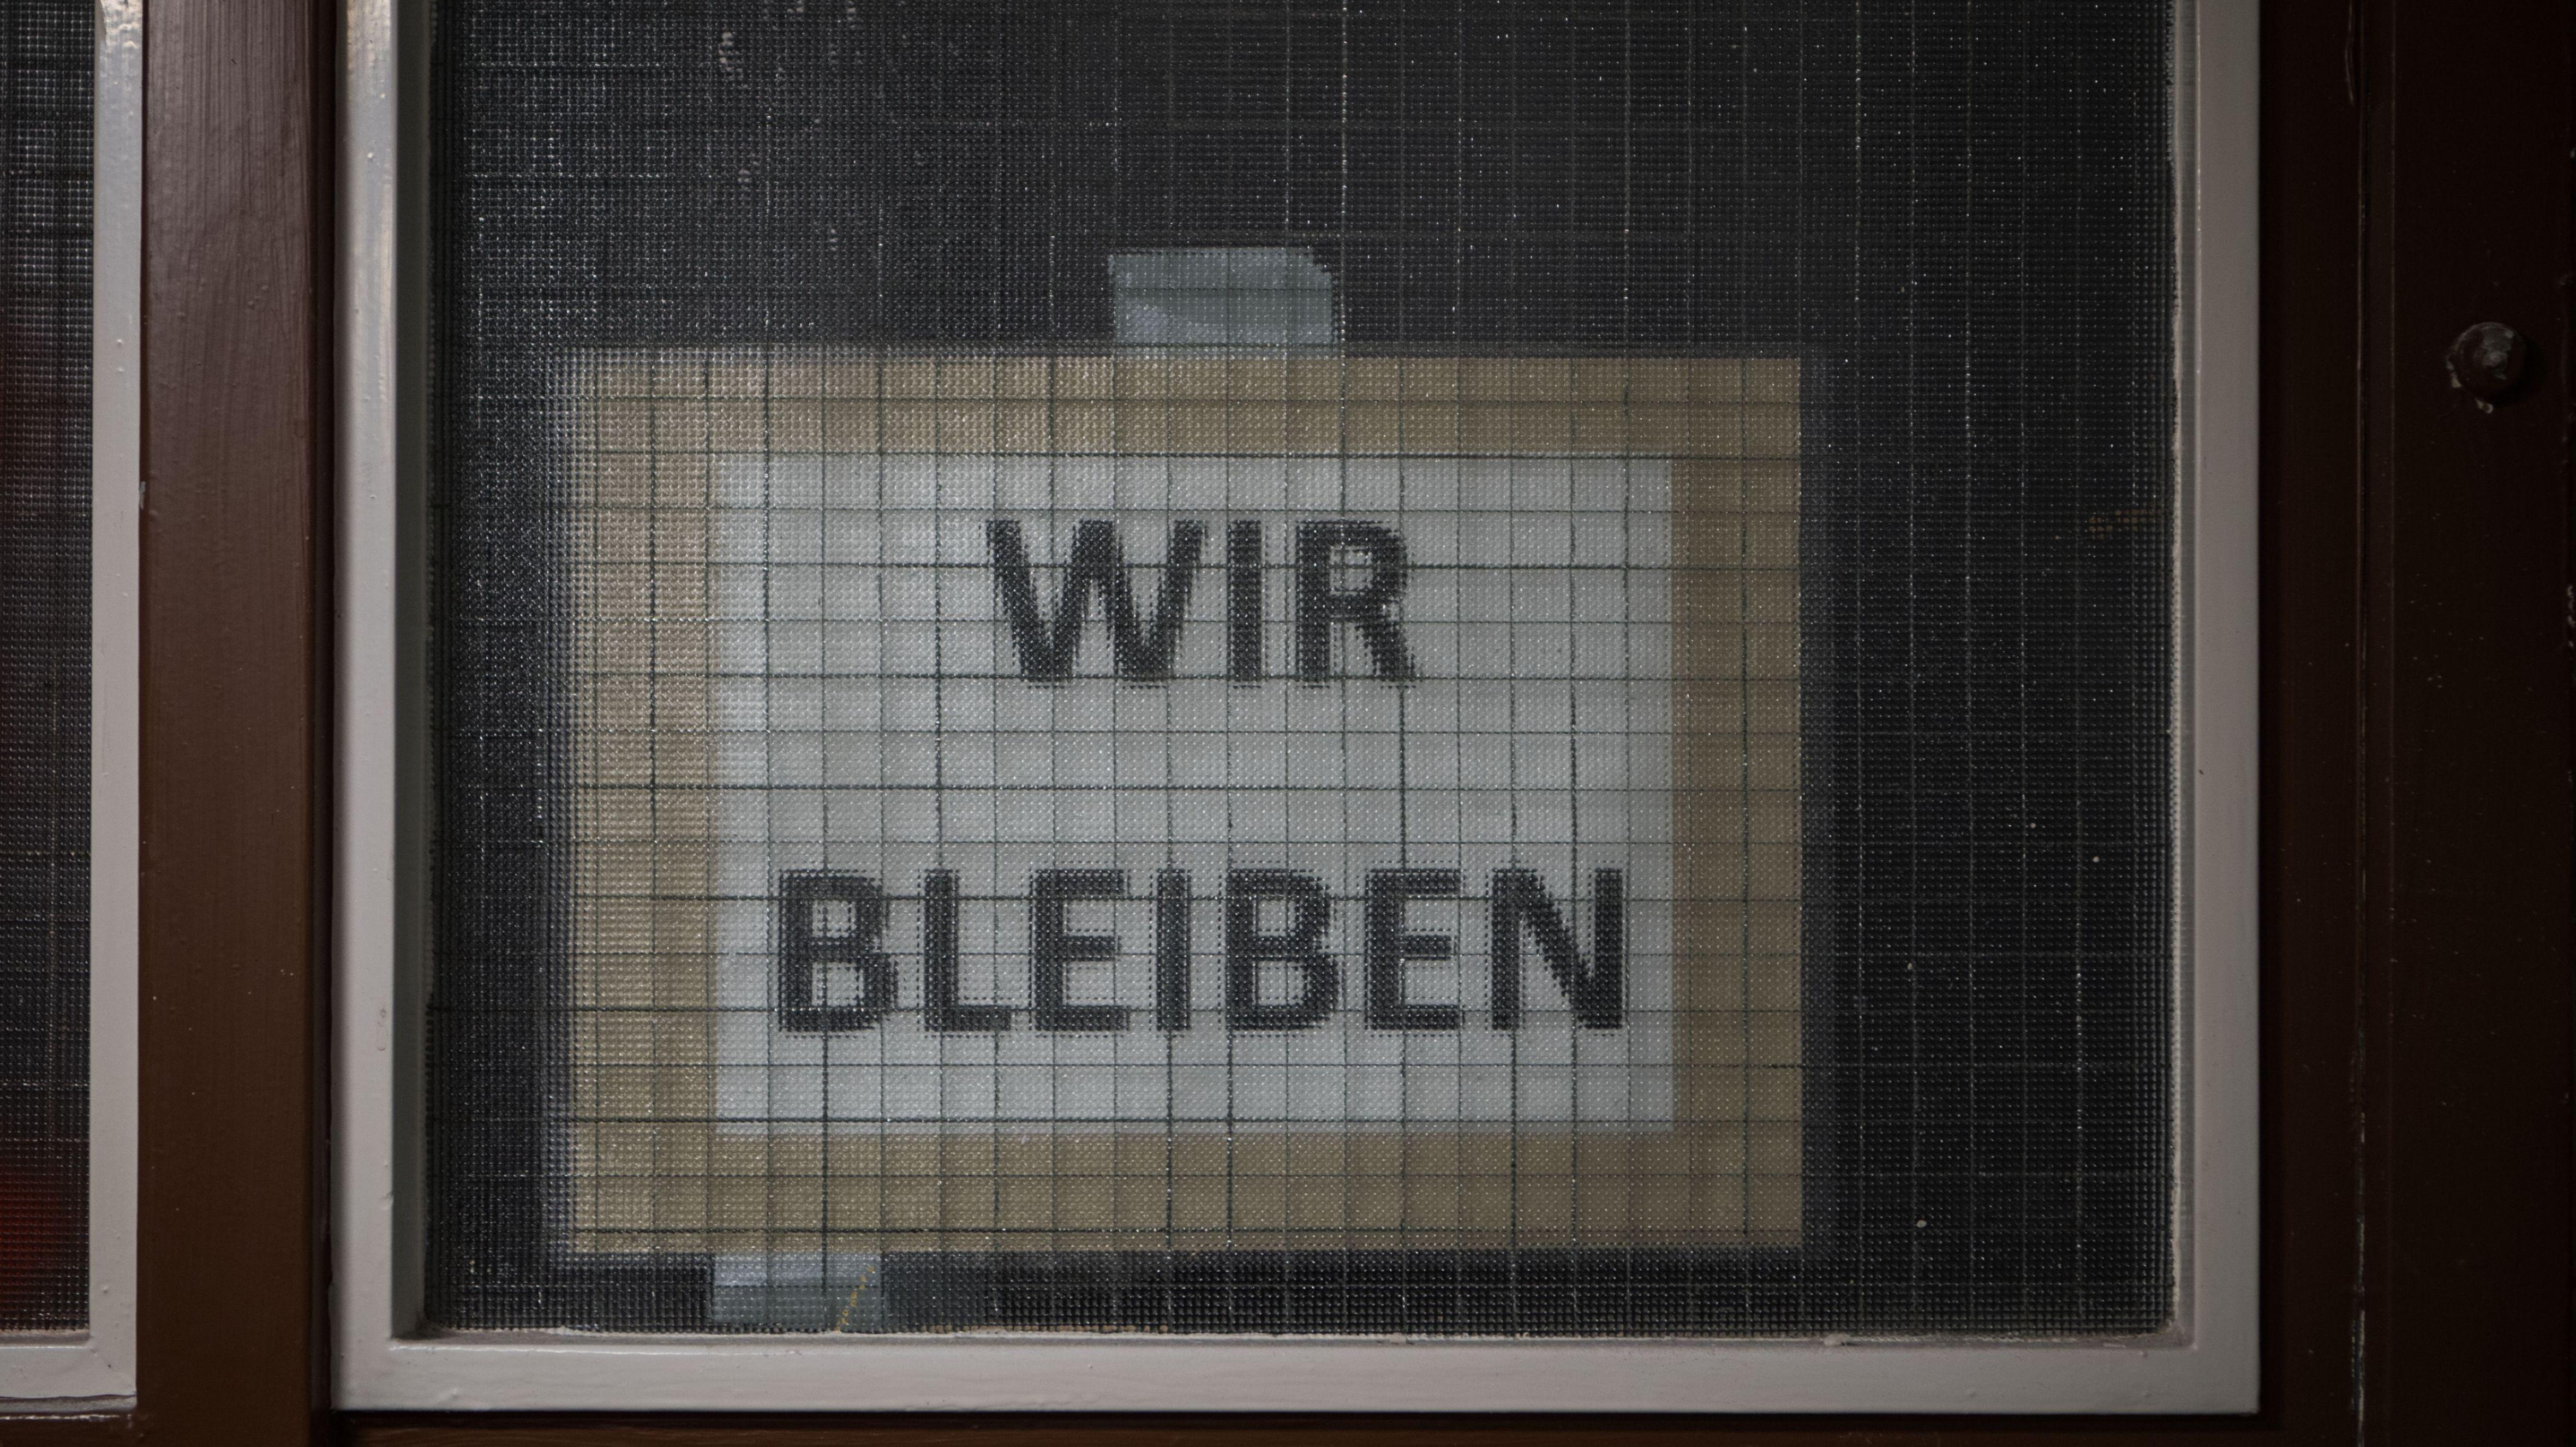 """Über der Wohnungseingangstüre hängt ein Zettel """"Wir Bleiben""""."""